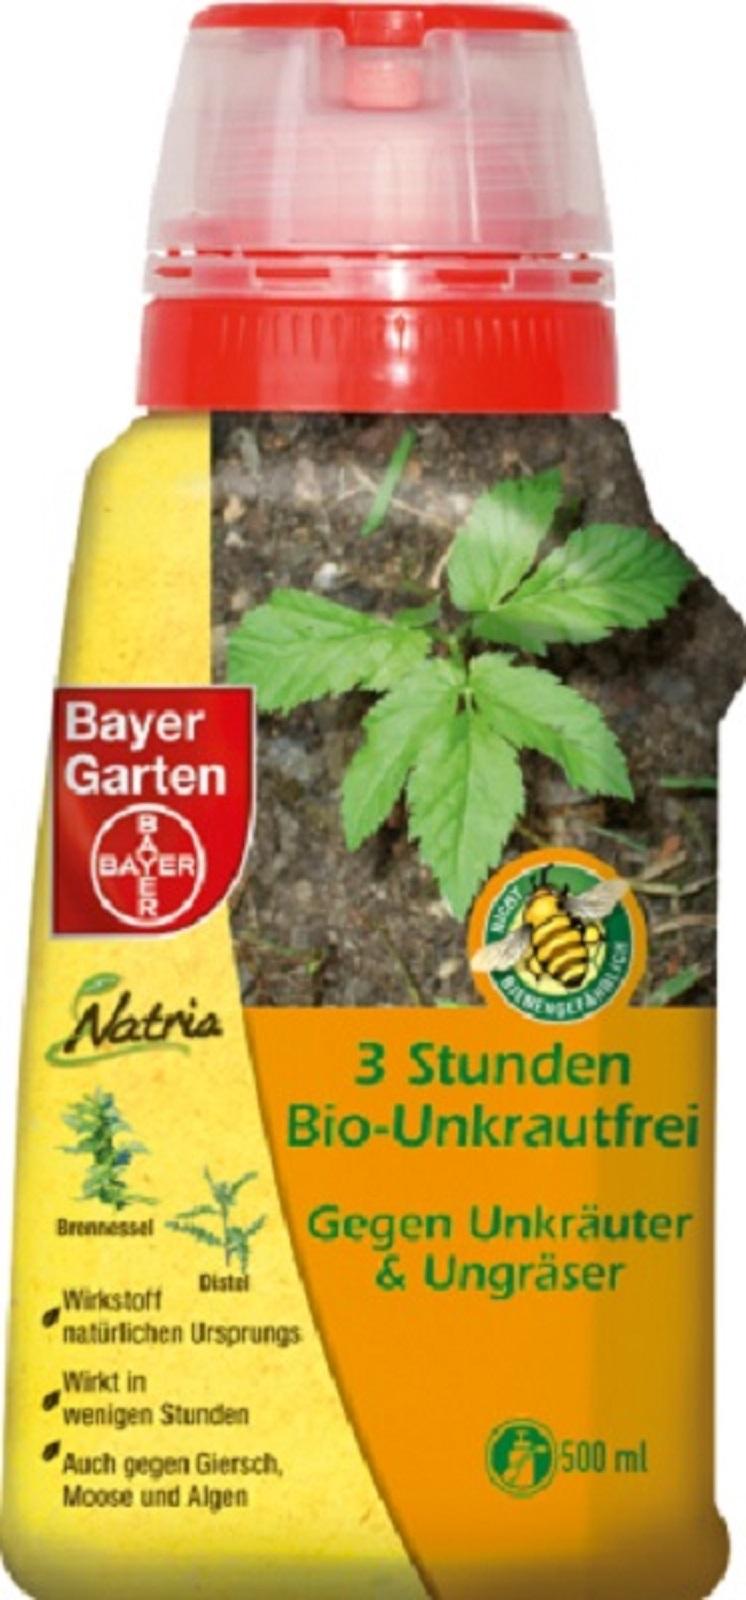 Bayer 3 Stunden Bio-Unkrautfrei 500 ml